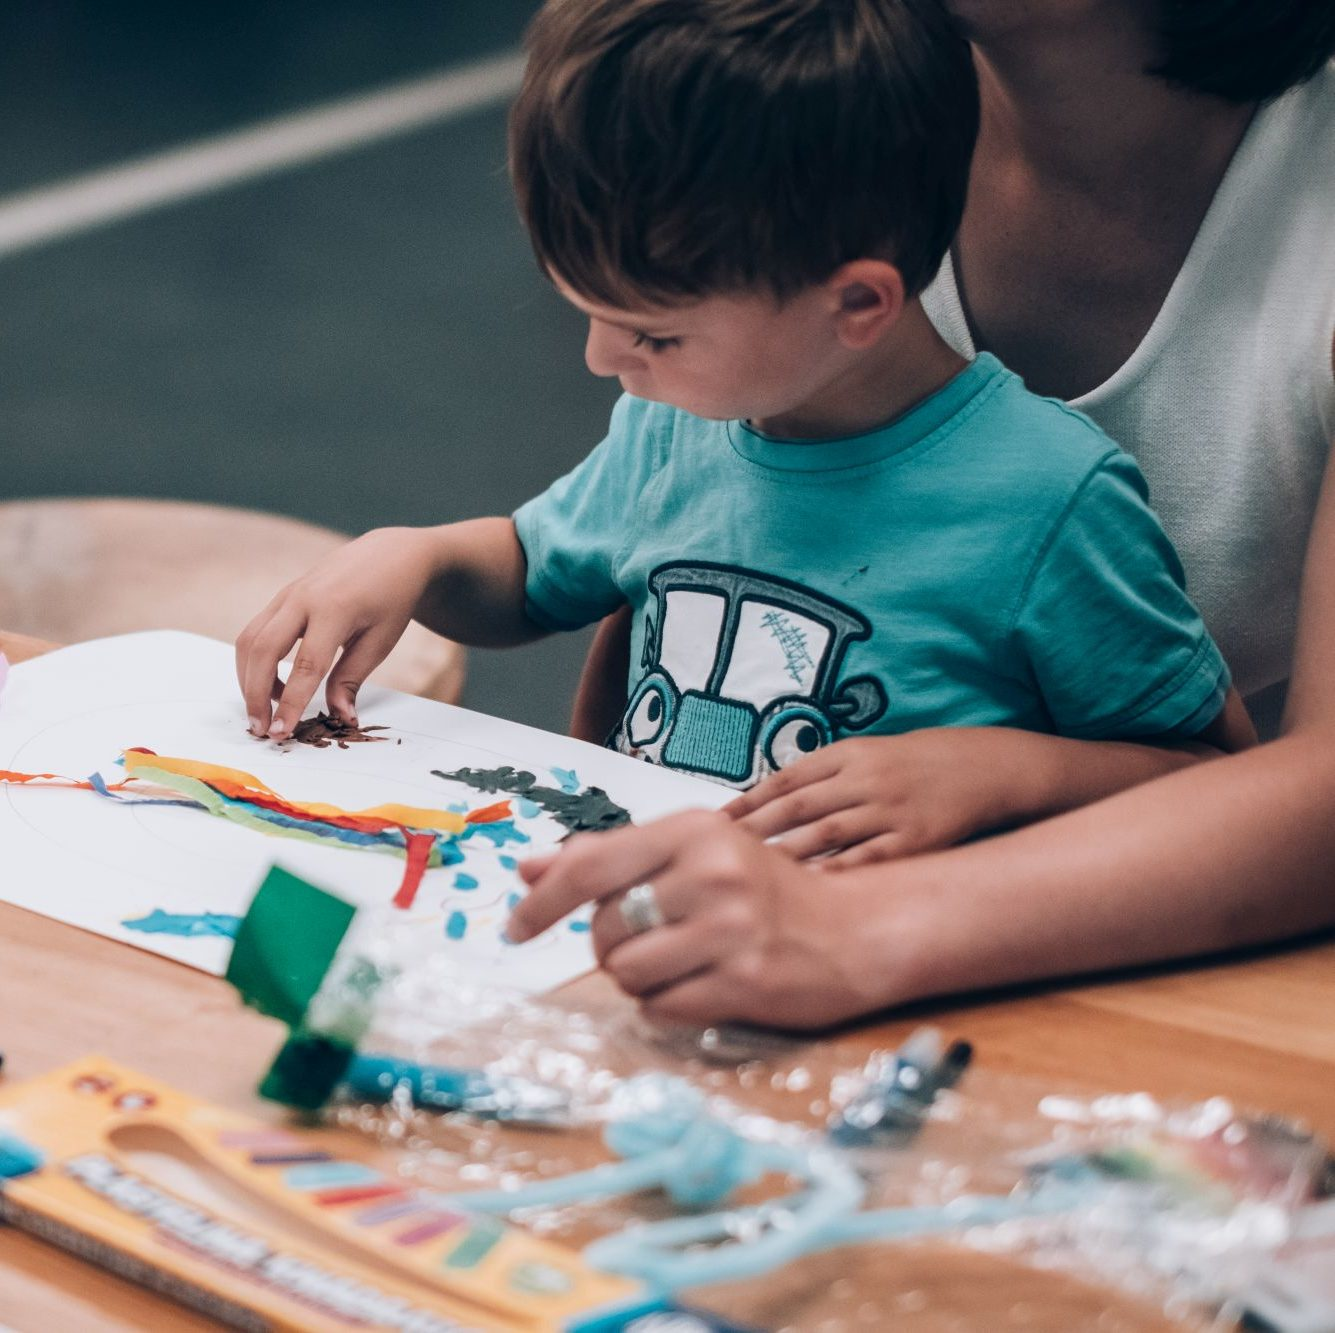 Dziecko wykleja plasteliną obrazek na kartce